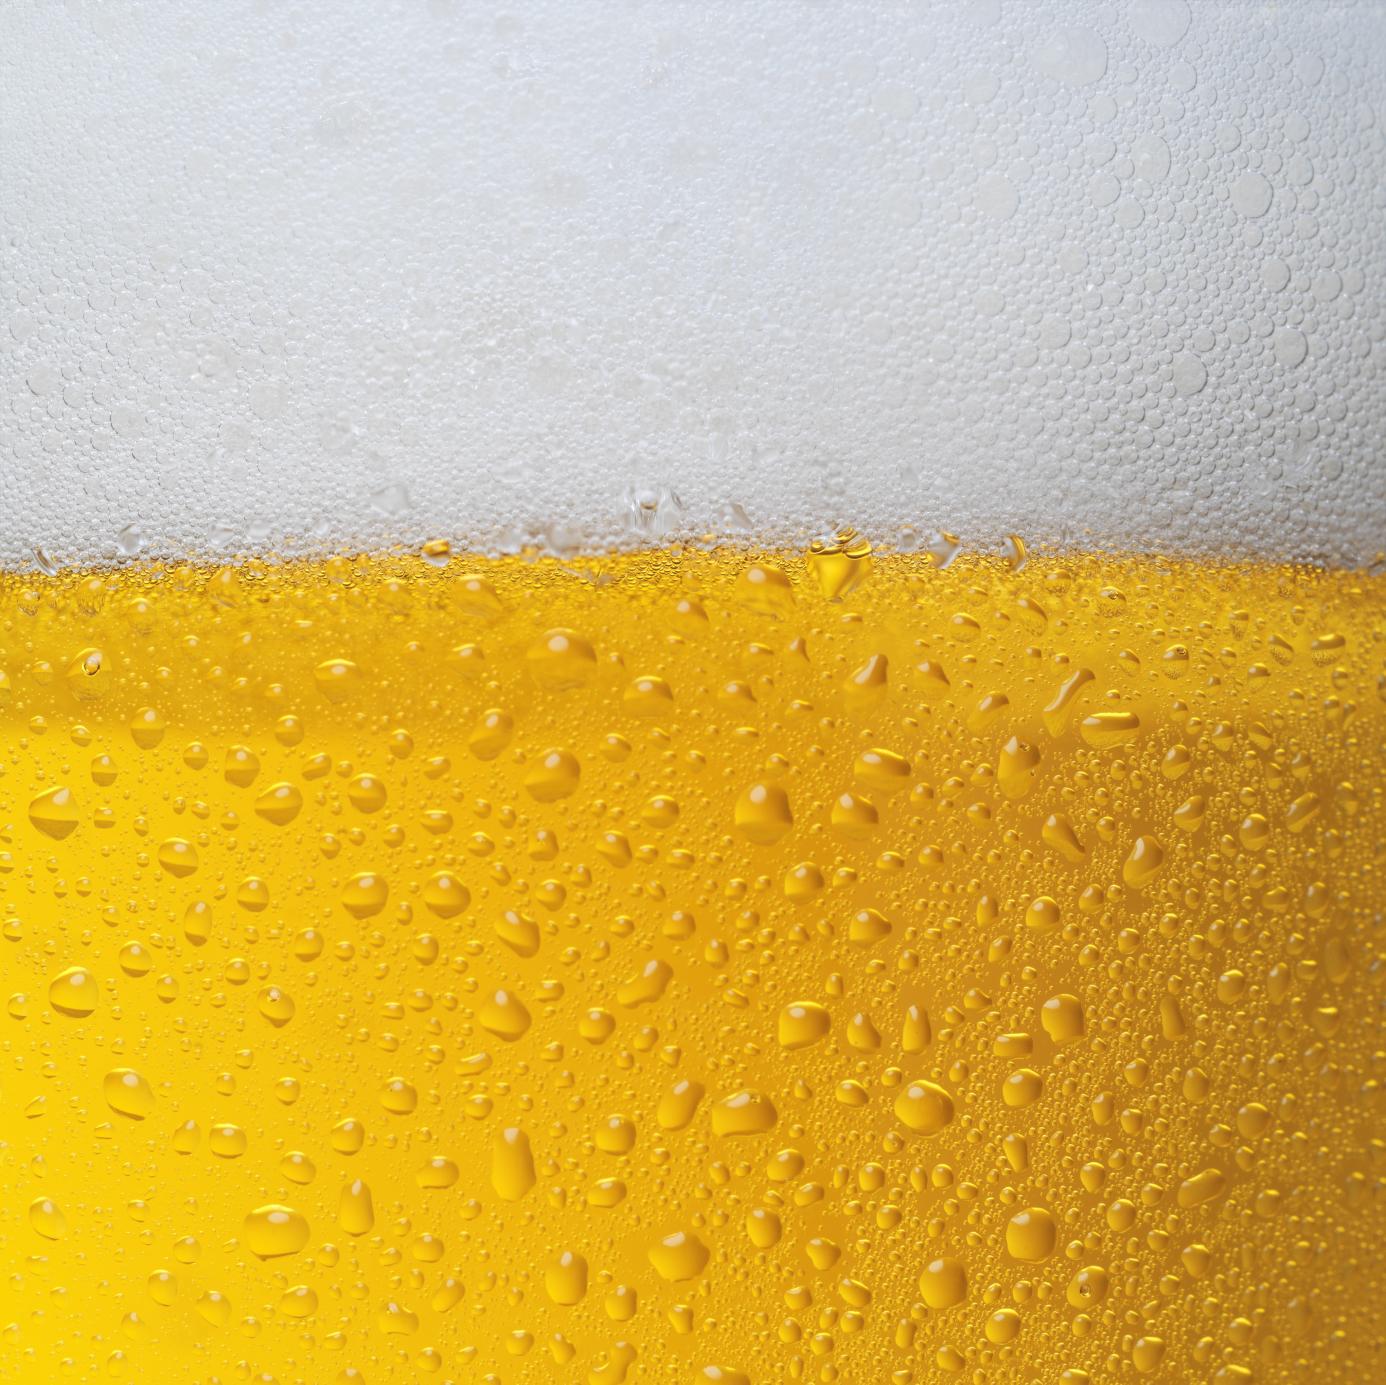 пена пиво, фото, обои для рабочего стола